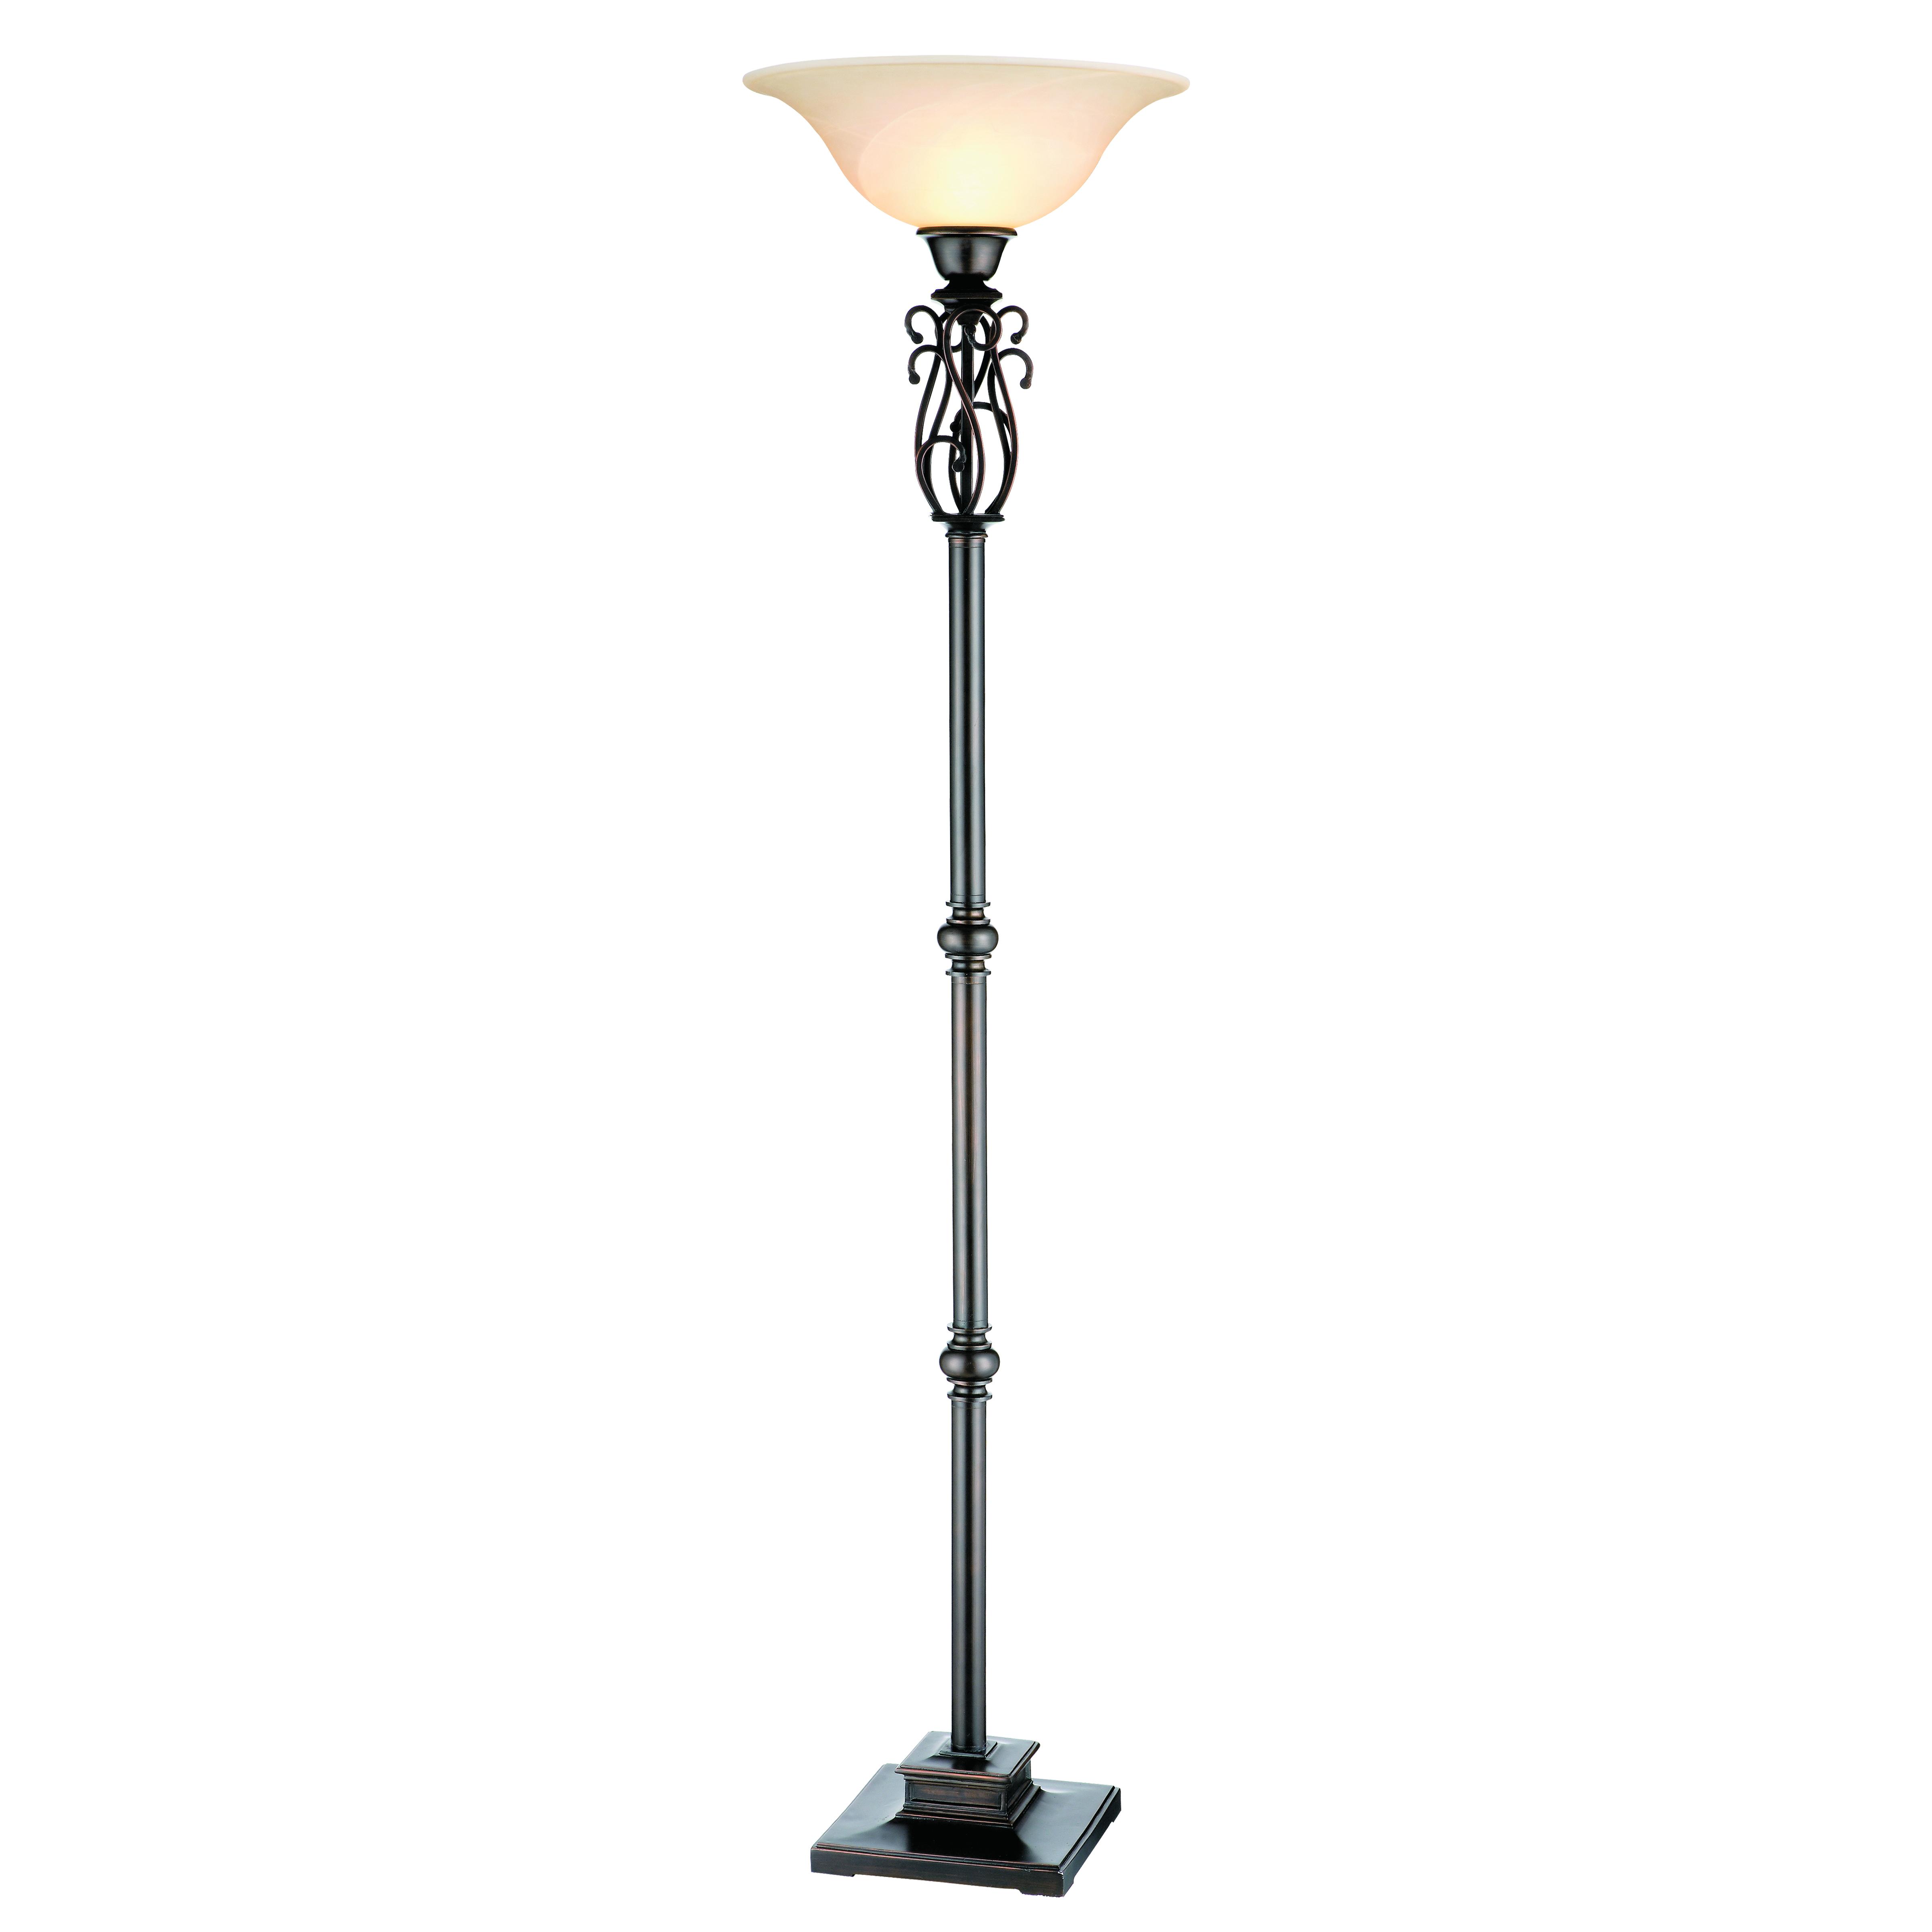 Stein World Suvan Torchiere Floor Lamp